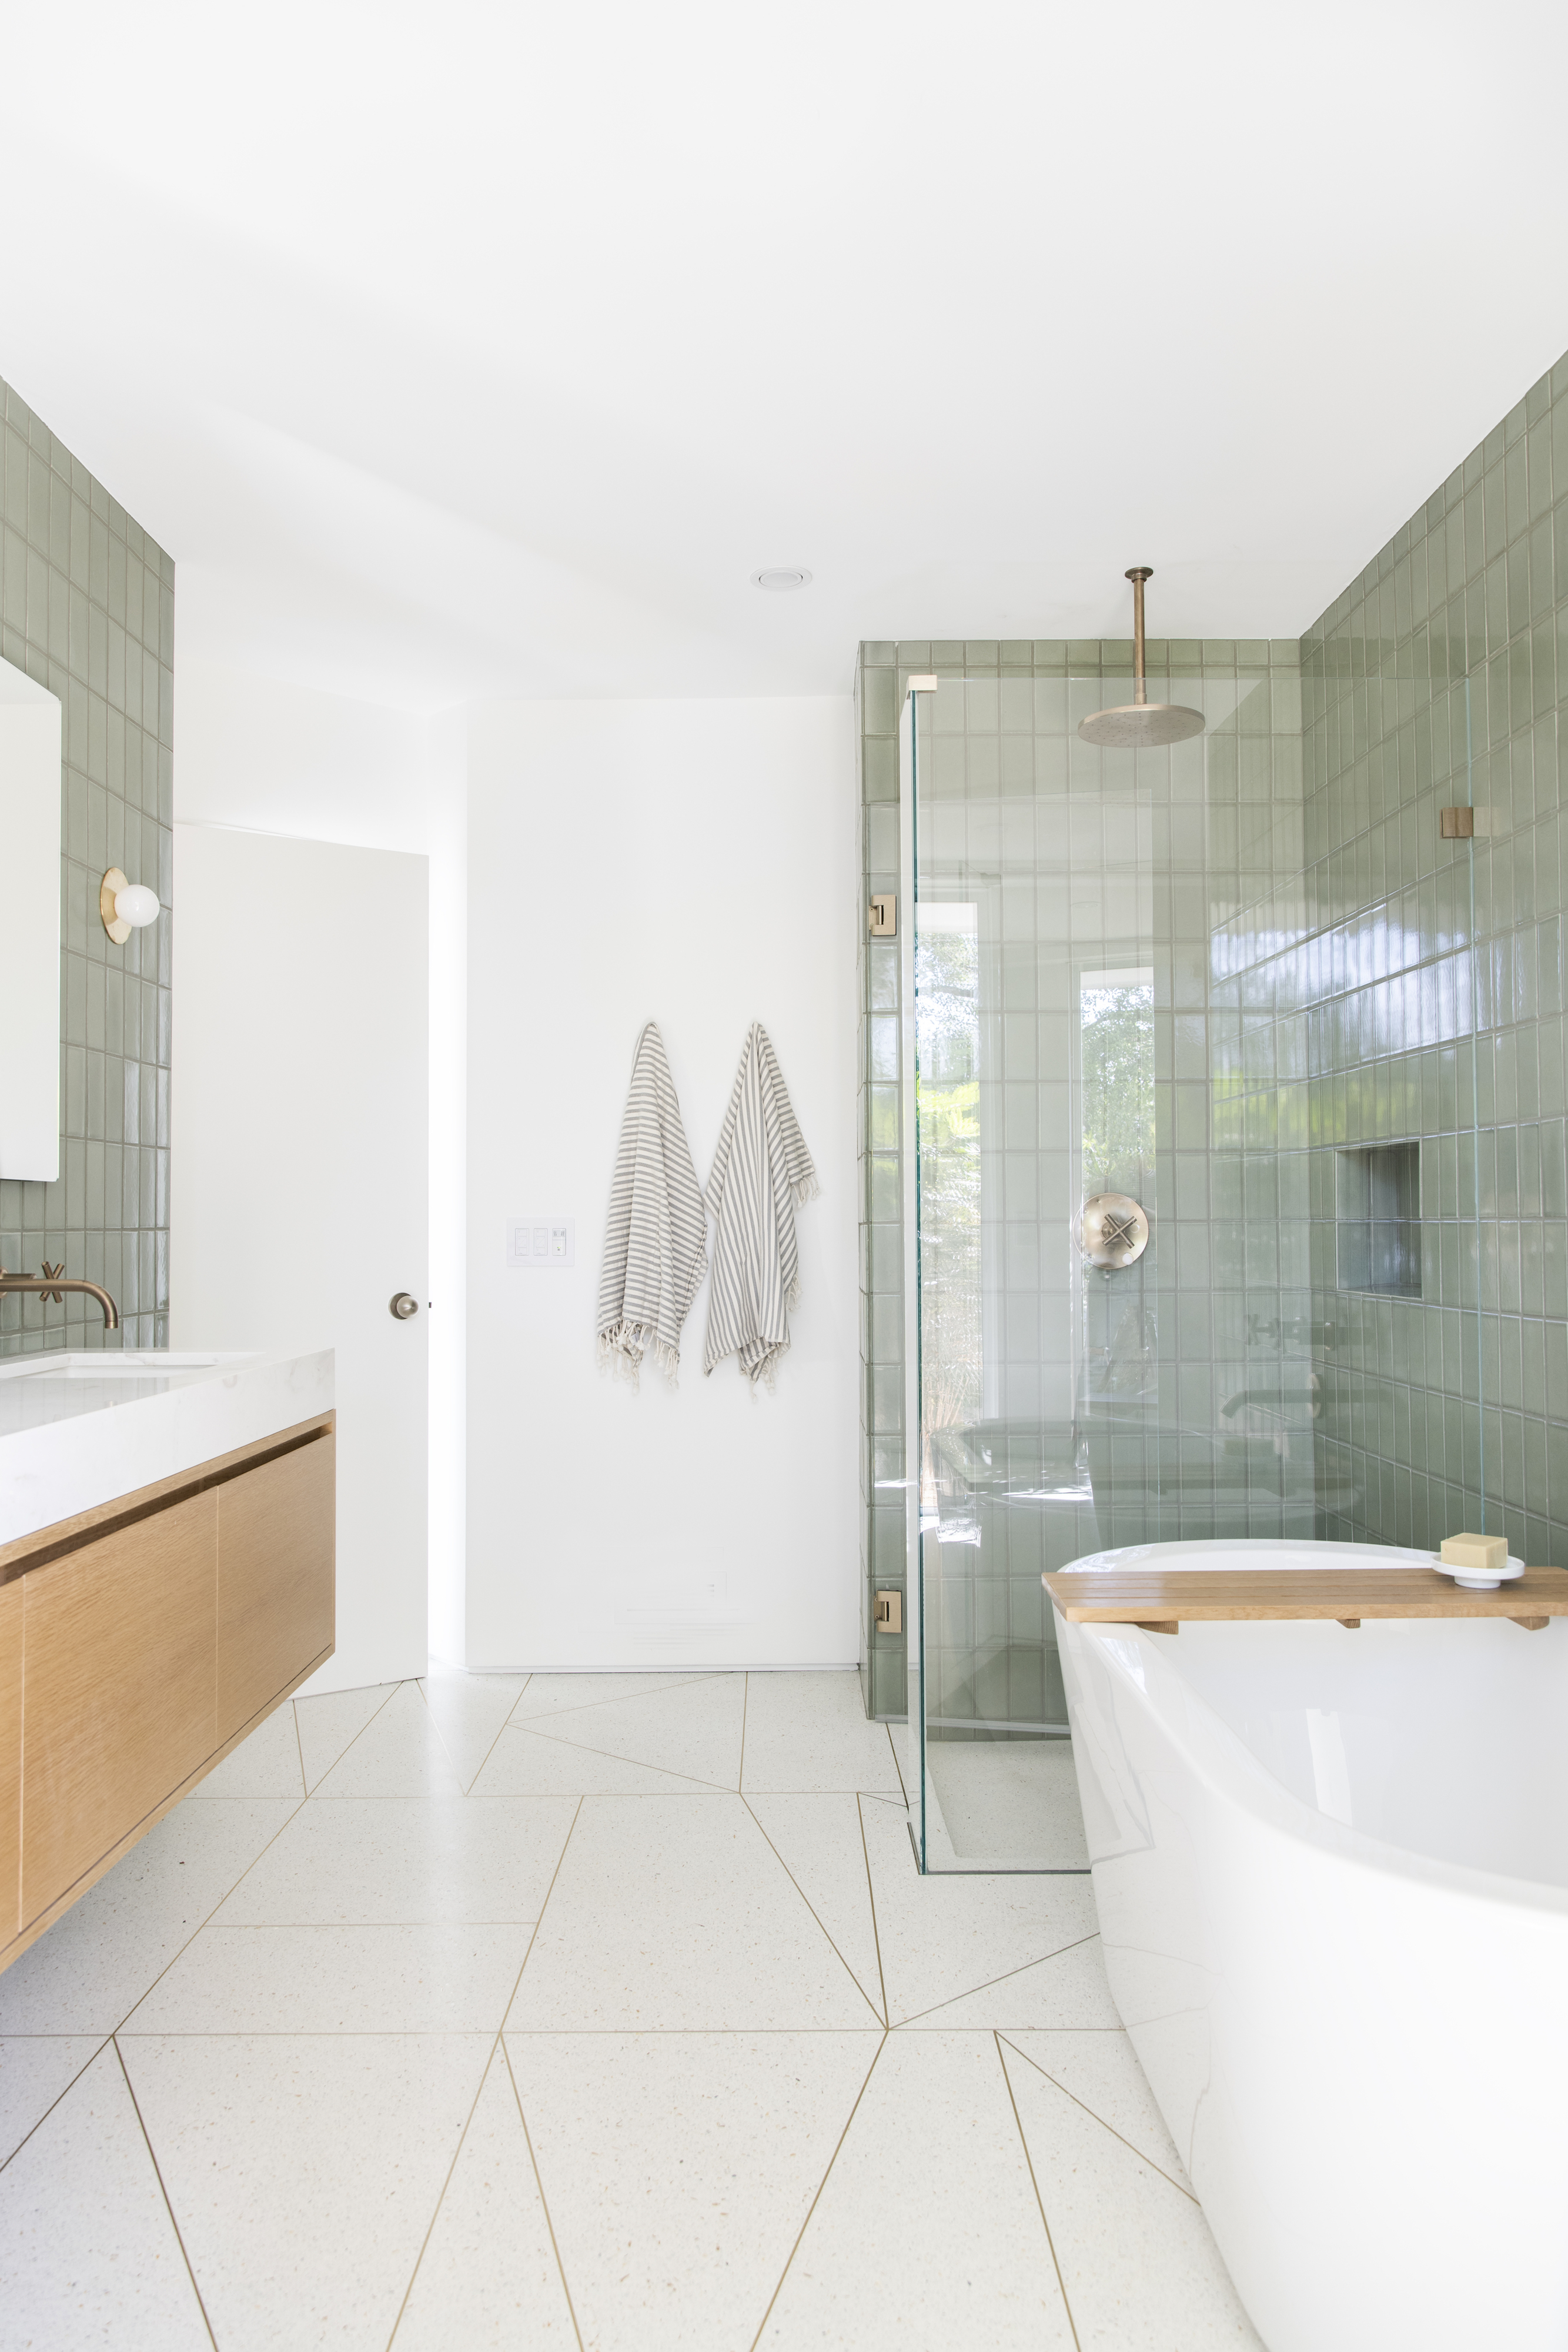 Q3_2018_image_residential_influencer_Sarah-Sherman-Samuel_Mandy-Moore-Home_photo_Tessa-Neustadt_bathroom_wall_shower_tile_rosemary_vertical_stacked_3x6_full.jpg?mtime=20181203151954#asset:427810